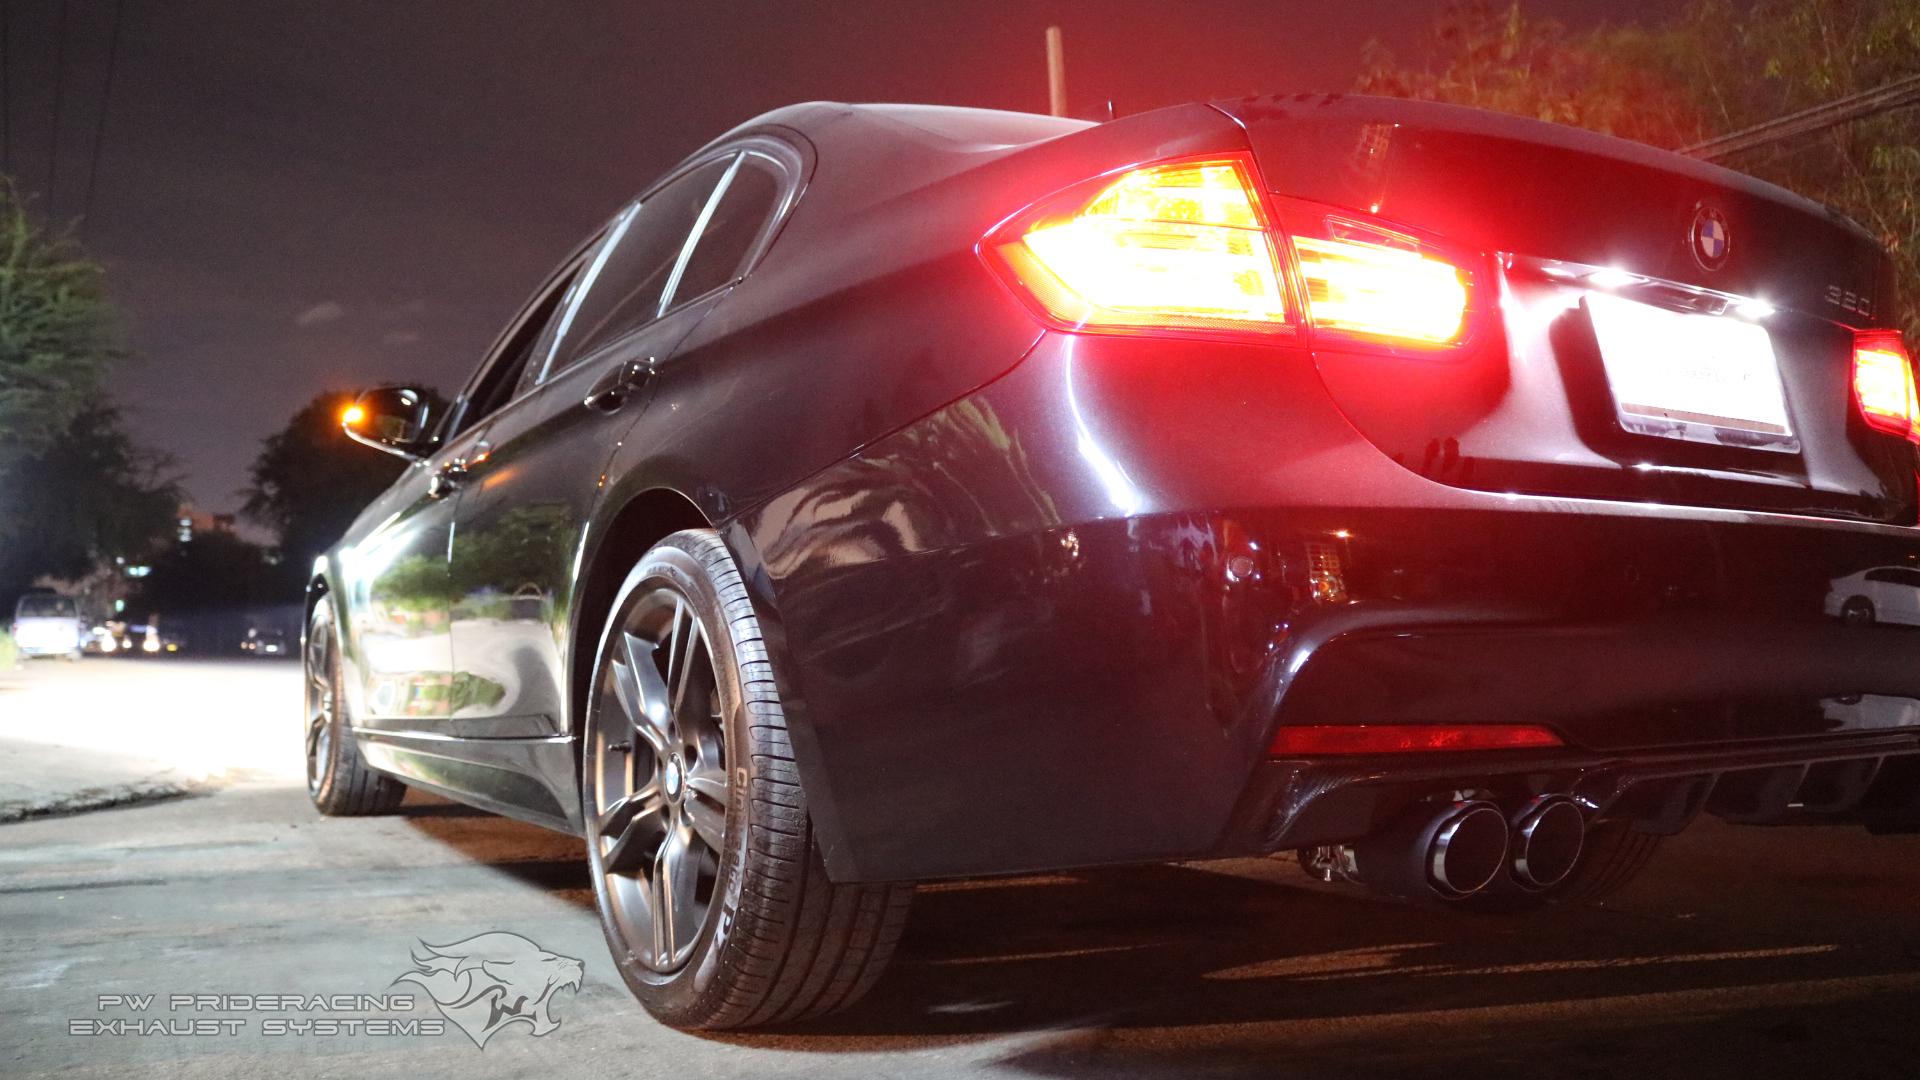 ชุดท่อไอเสีย BMW F30 320i Custom-made by PW PrideRacing